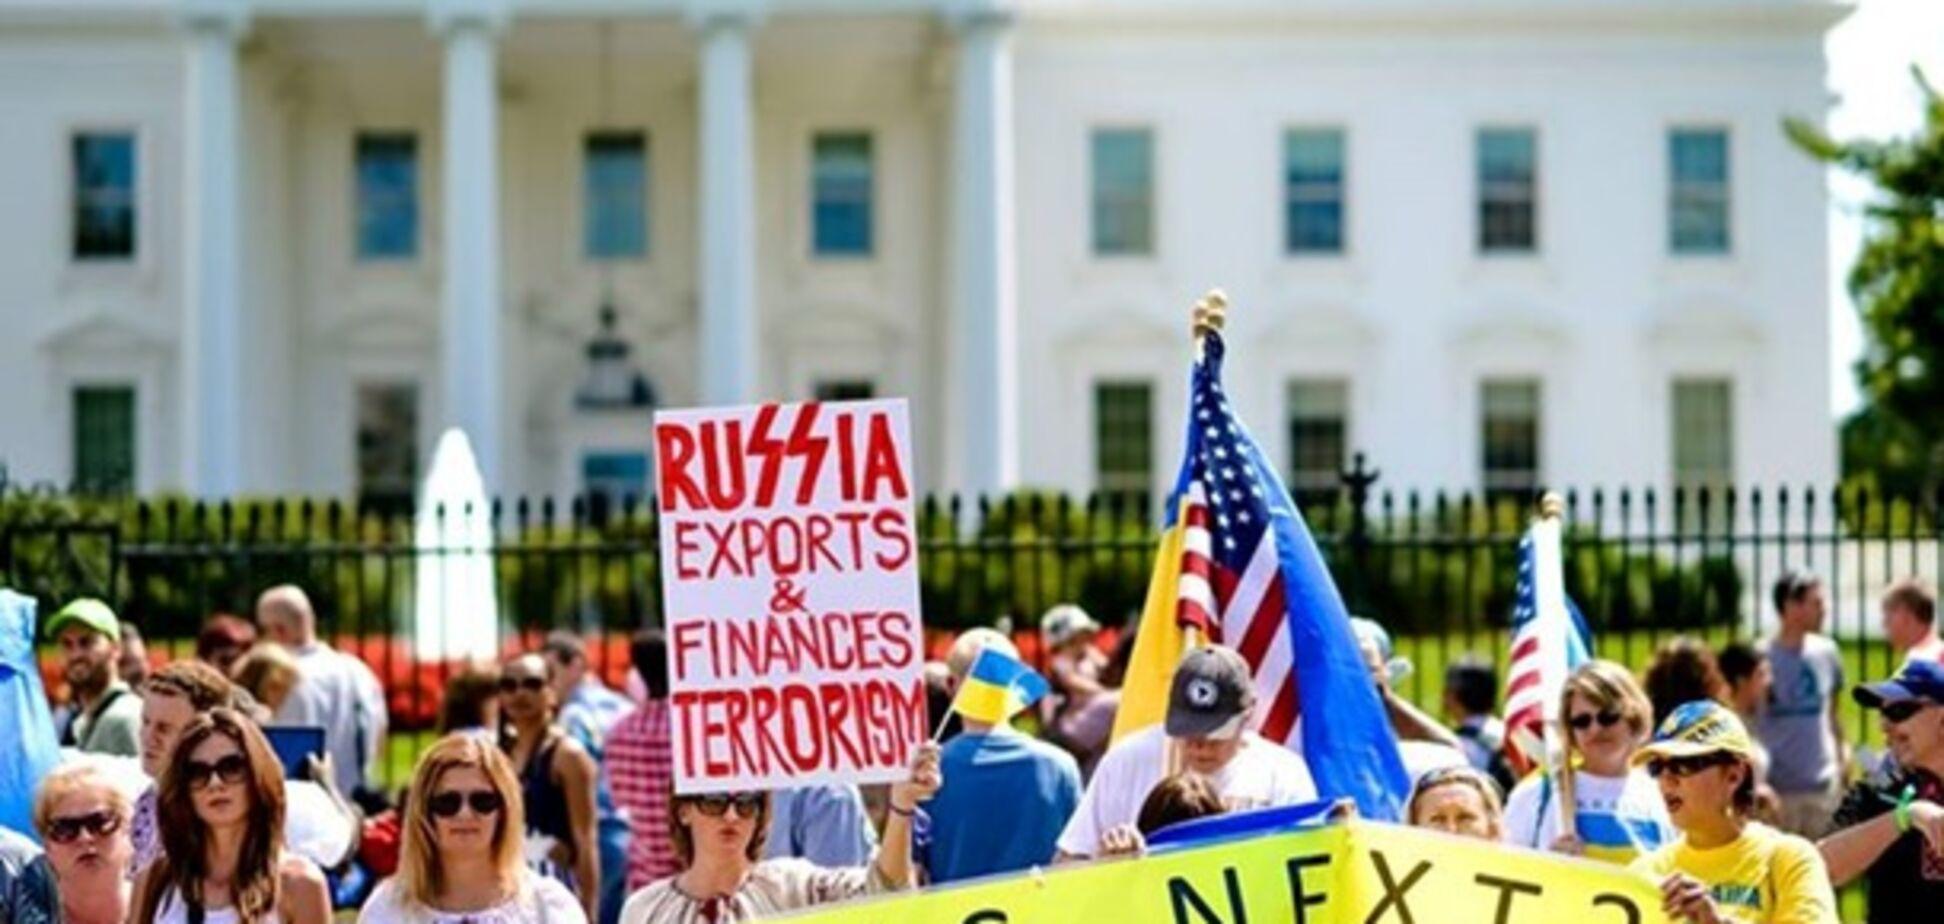 'Неймовірно дратують': у США розповіли, як 'кондові Путінці' заважають українській діаспорі